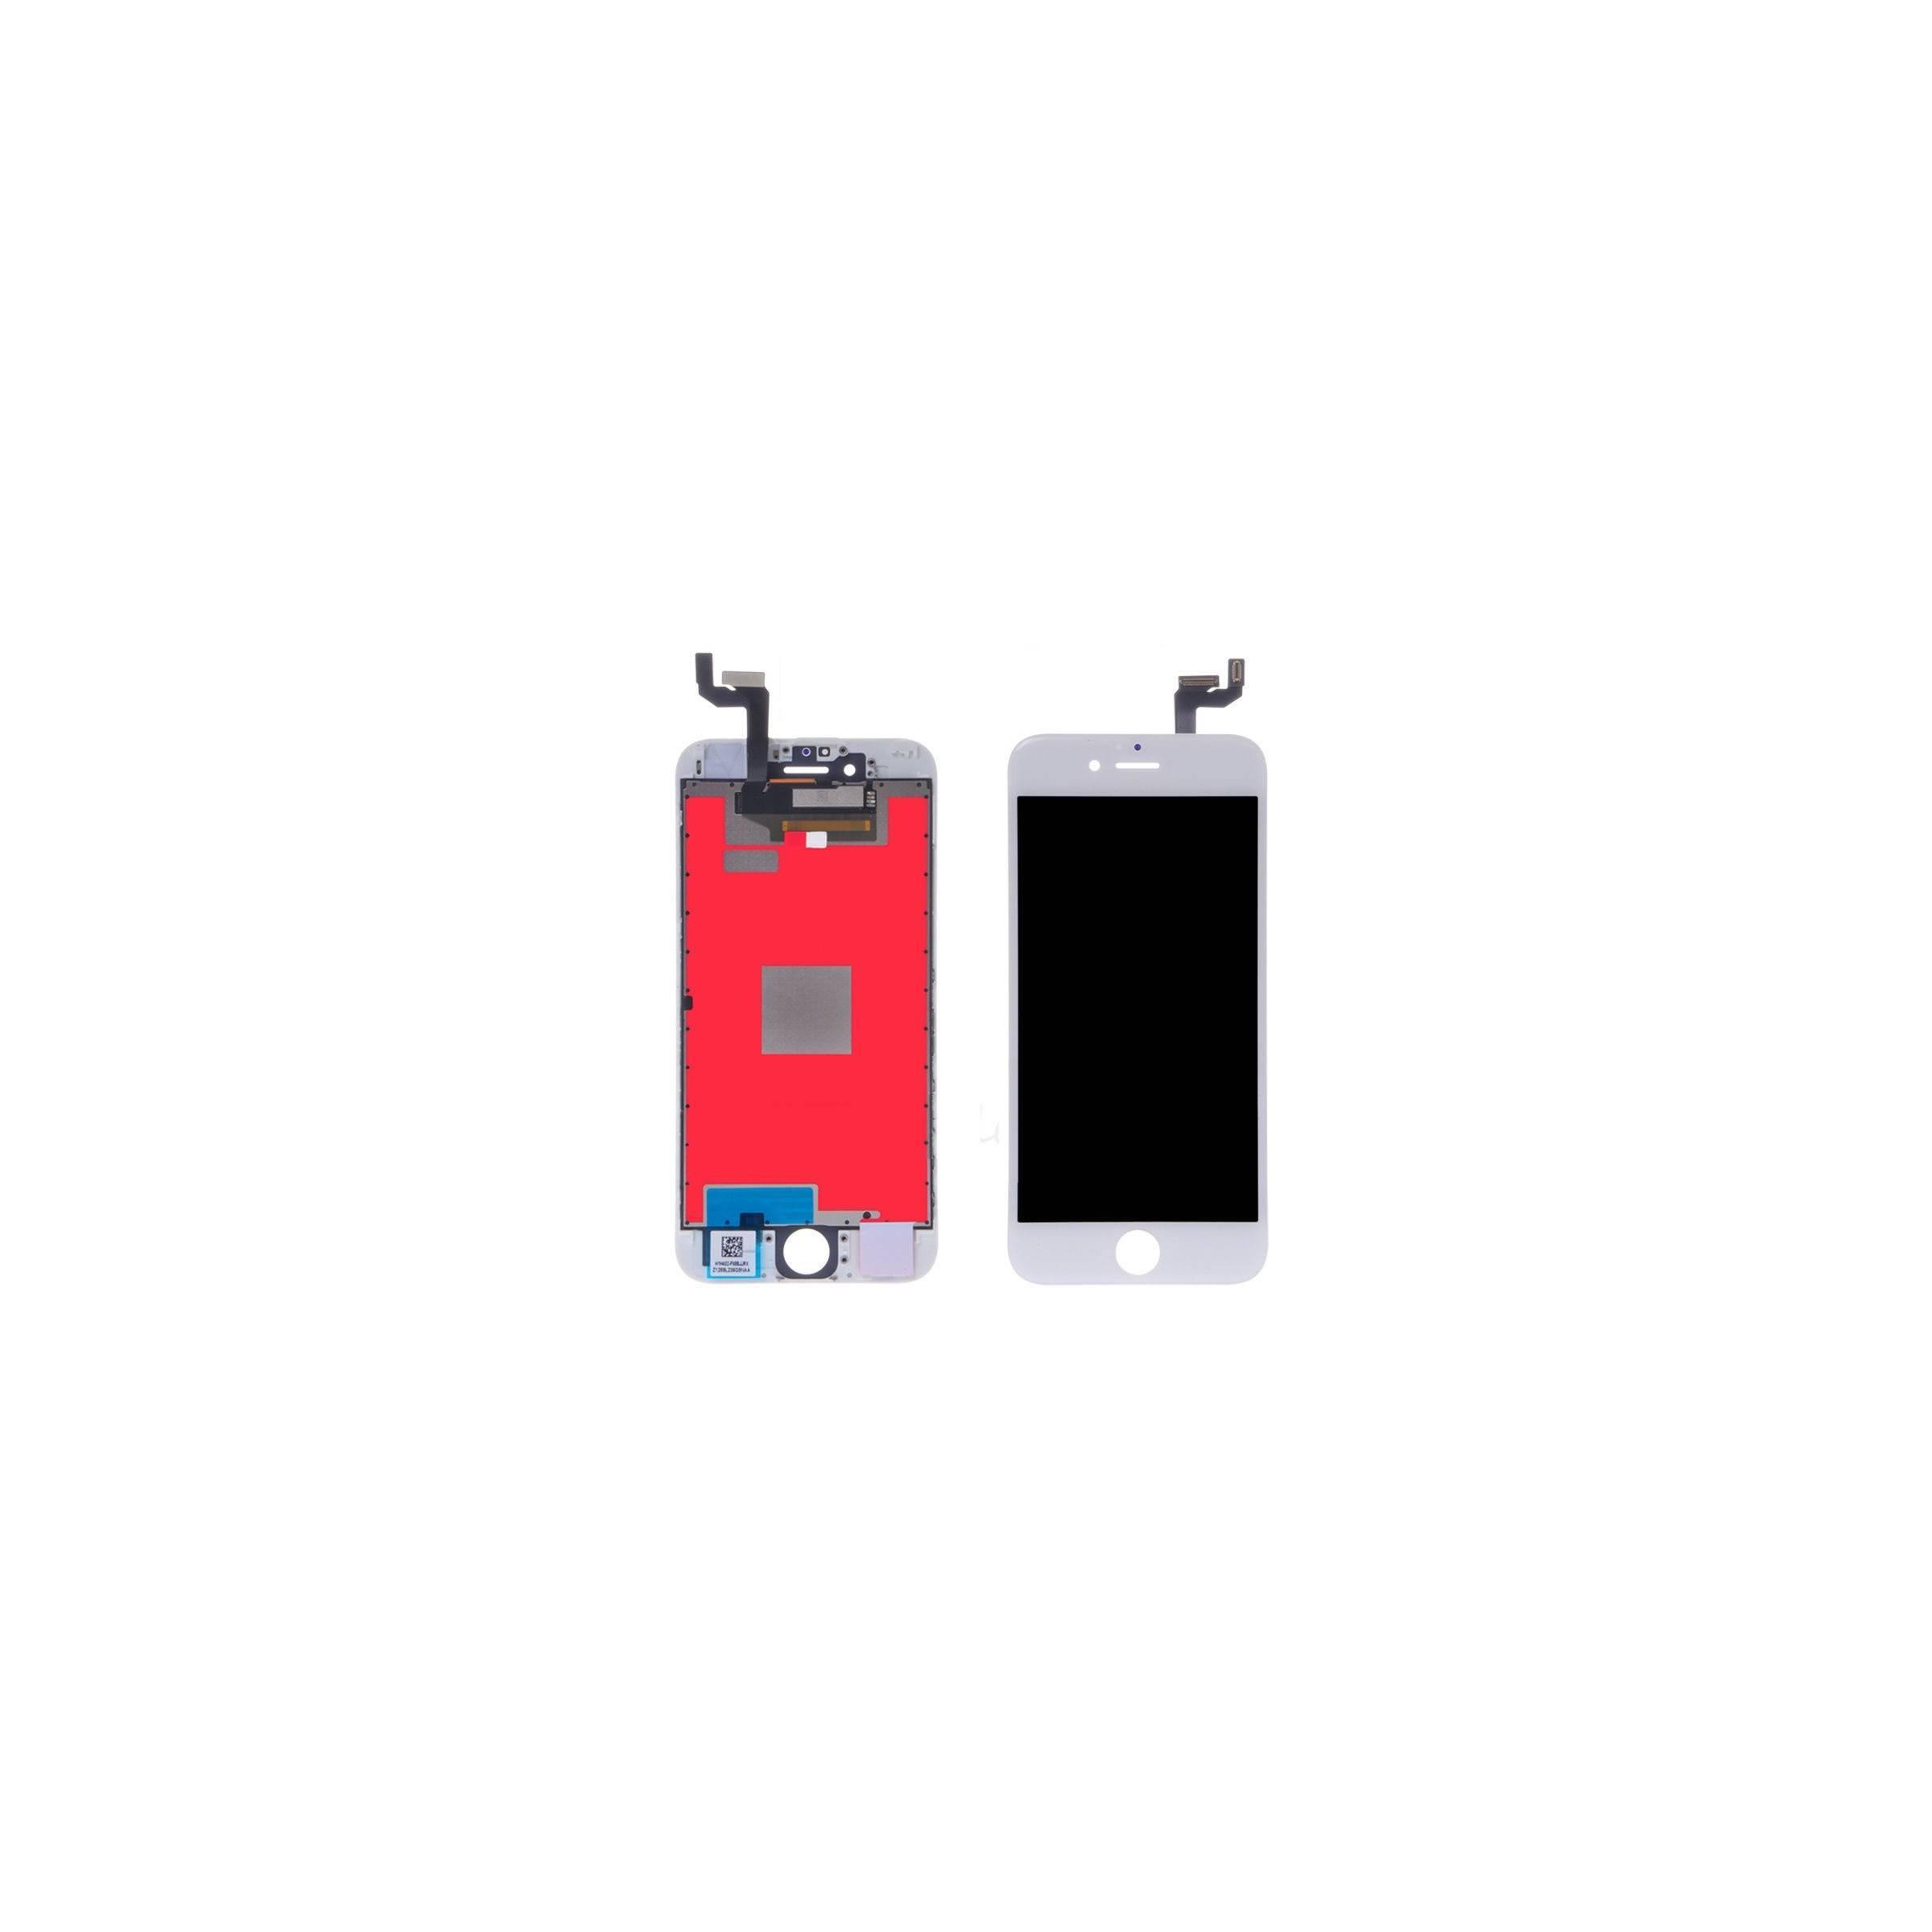 sinox Iphone 6s skærm i høj kvalitet farve hvid fra mackabler.dk